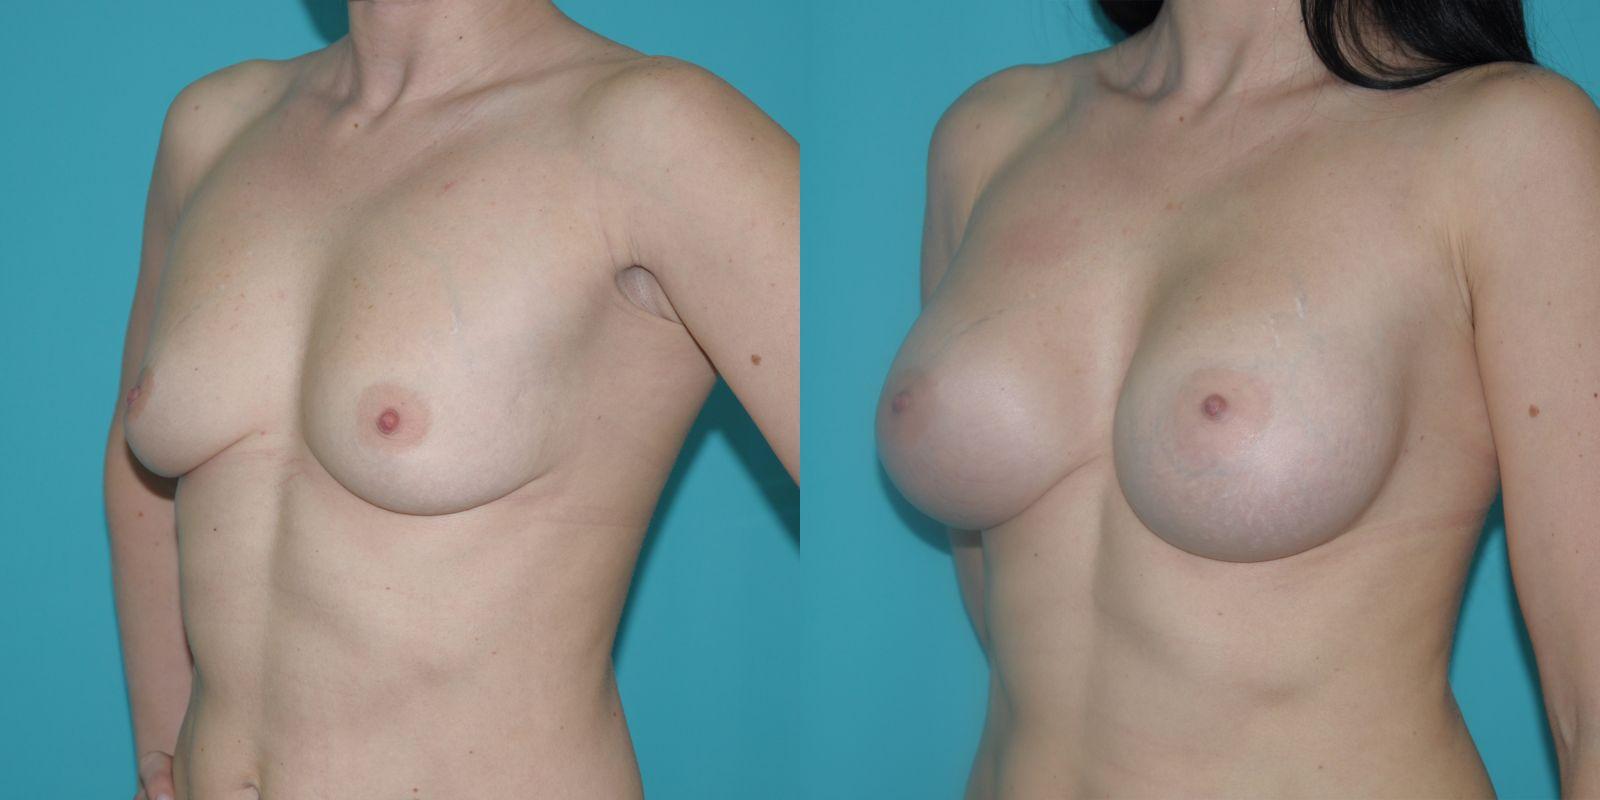 хирургия увеличение груди